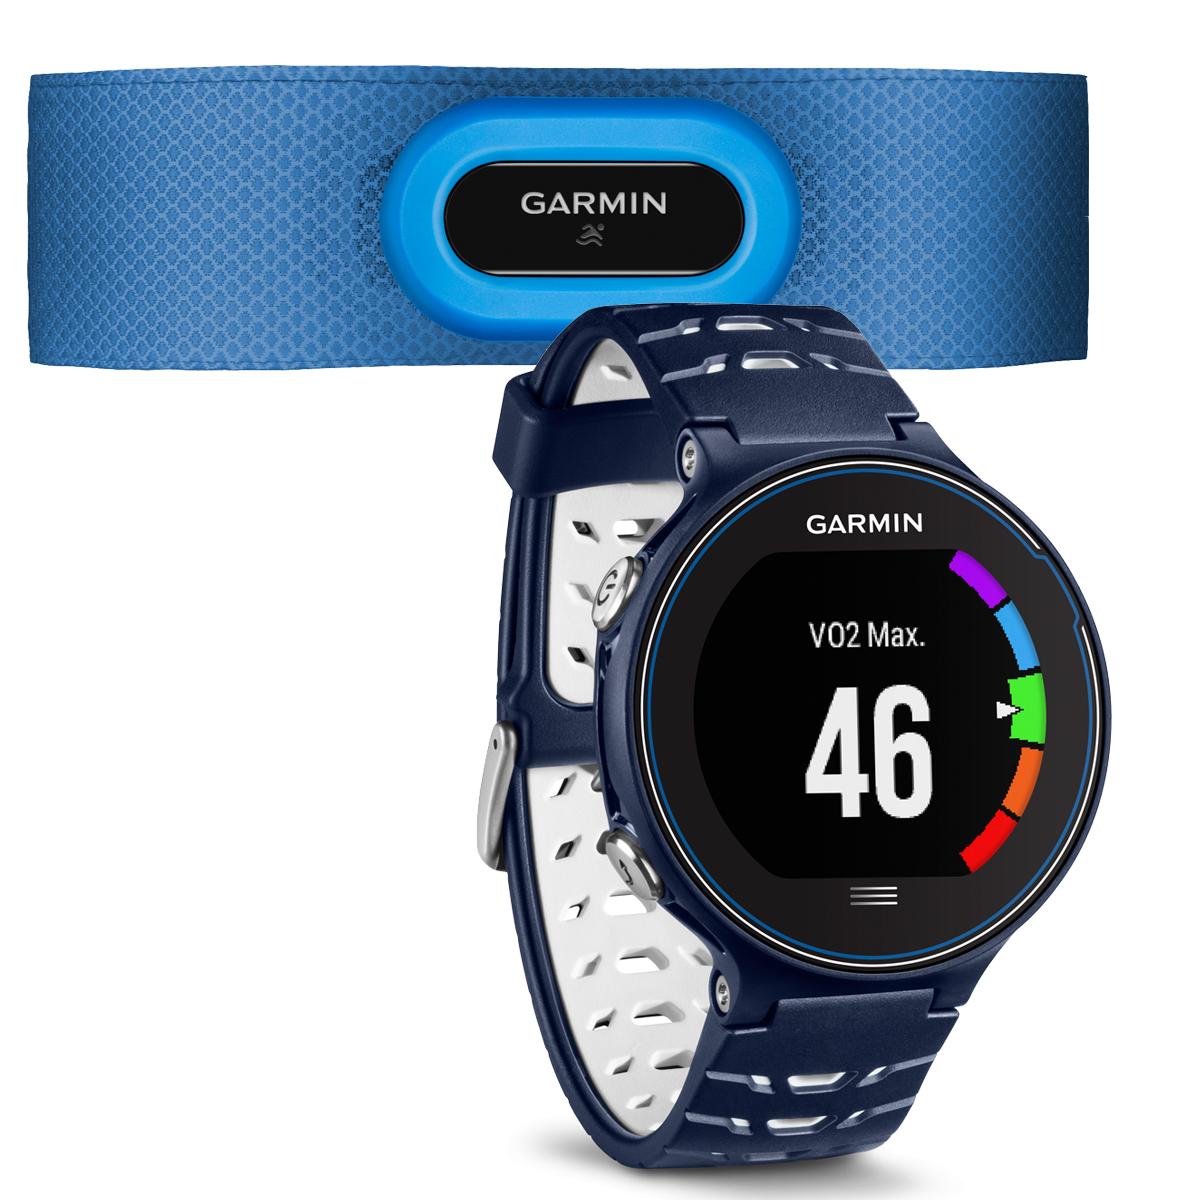 Спортивные часы Garmin Forerunner 630 HRM, цвет: темно-синий. 010-03717-31010-03717-31Смарт-часыGPSс расширенными беговыми даннымиМониторинг: Физической активности;Калорий;СнаДатчики: GPS- трекер;Сердечного ритма;Пульсометр;Шагомер;Счетчик калорий;АкселерометрОсобенности: Влагозащищенный;Оповещения со смартфона;Часы;Водонепроницаемый;Умный тренер (Smart Coach )Совместимое ОС: GARMINМатериал корпуса: ПластикМатериал ремешка/браслета: ПластикДлина ремешка: 16 см Время работы: 4 неделиИнтерфейс: BluetoothМетод зарядки: microUSB 2.0Вид аккумулятора: Li-ionЕмкость аккумулятора: 300 mA